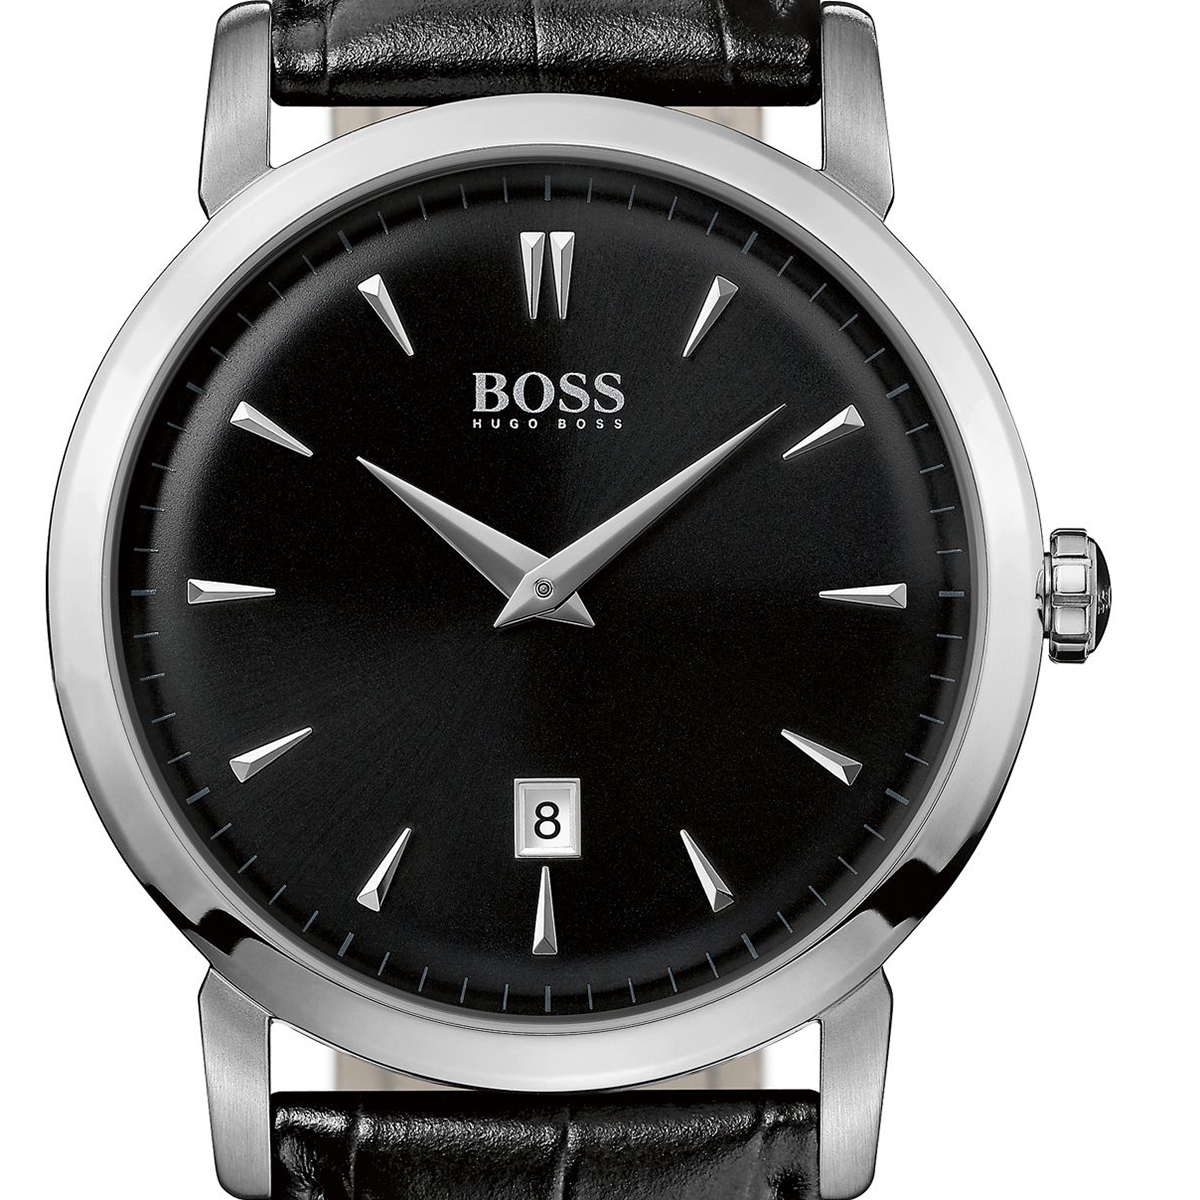 【残り1点】HUGOBOSS ヒューゴボス クォーツ 腕時計 メンズ ウォッチ ブランド [1512637] 並行輸入品 メーカー保証24ヵ月 純正ケース付き